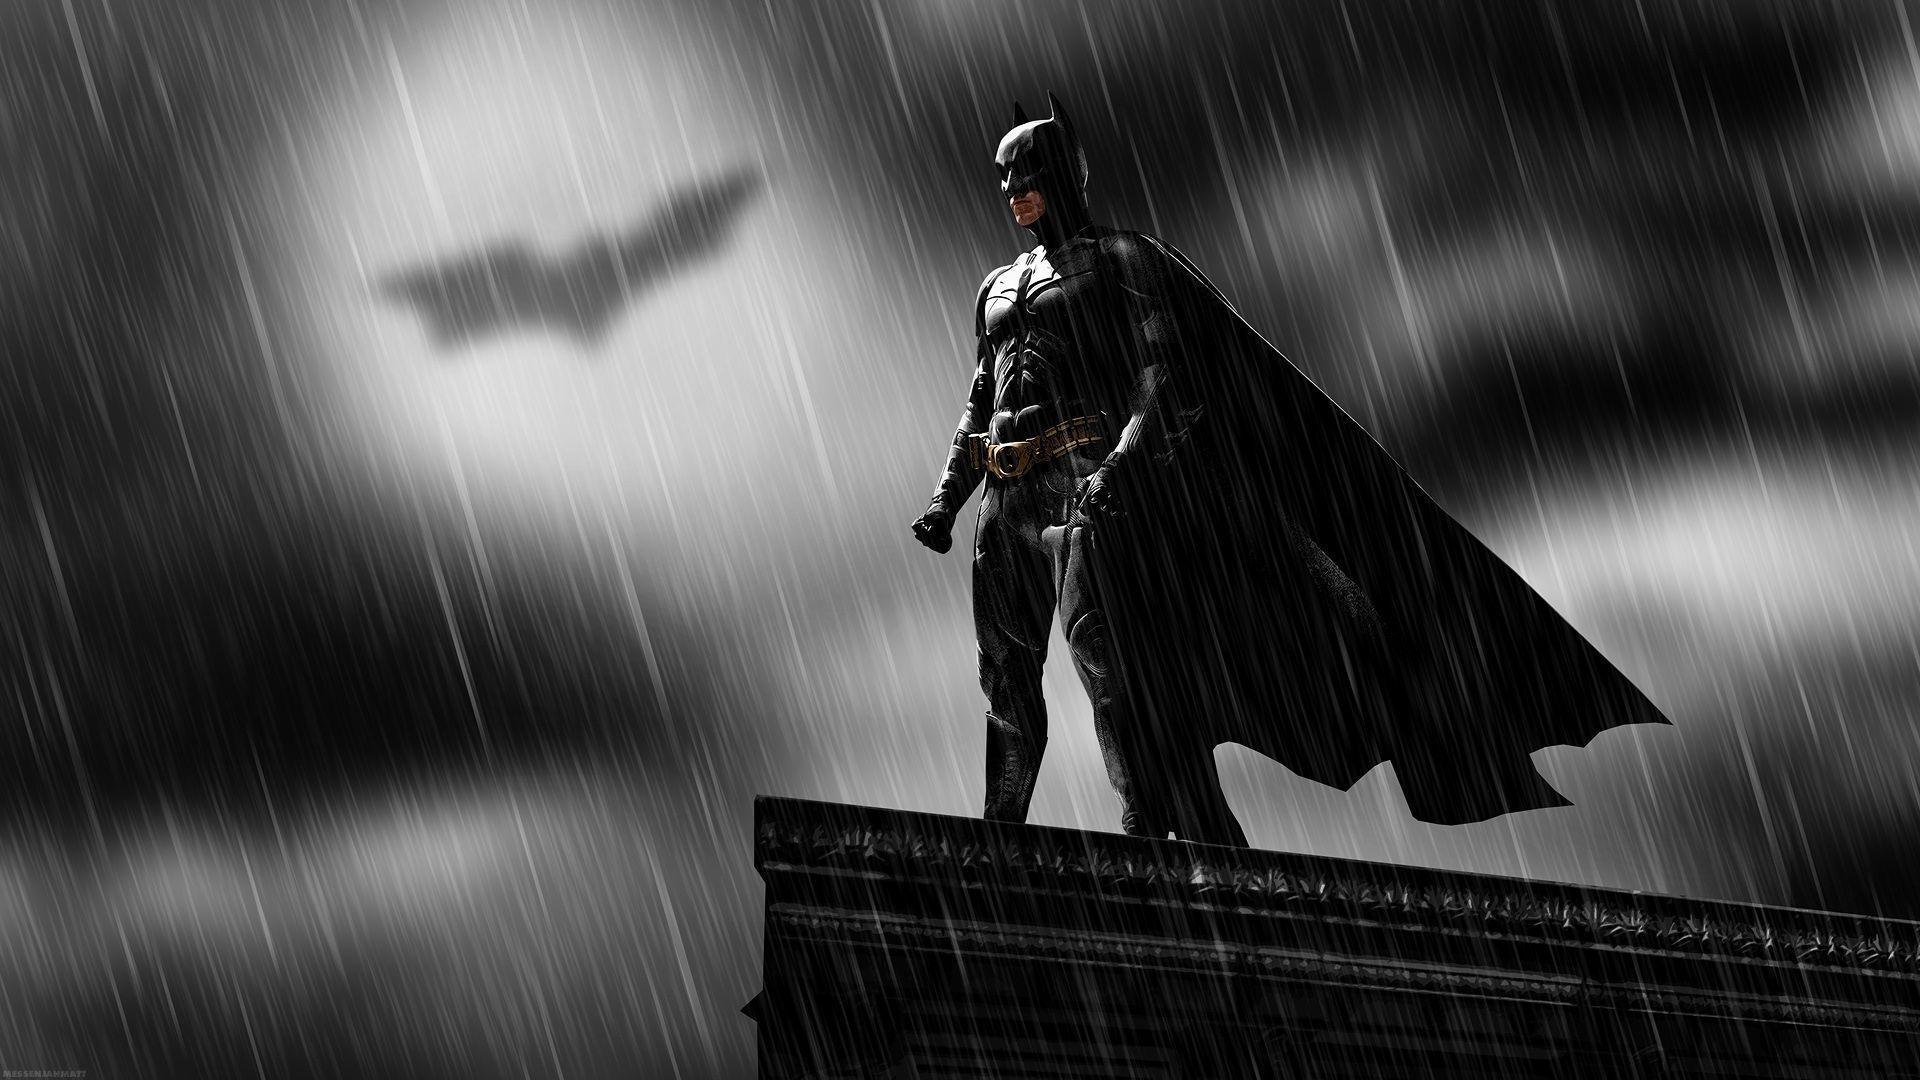 Resultado de imagem para batman wallpapers 1080p